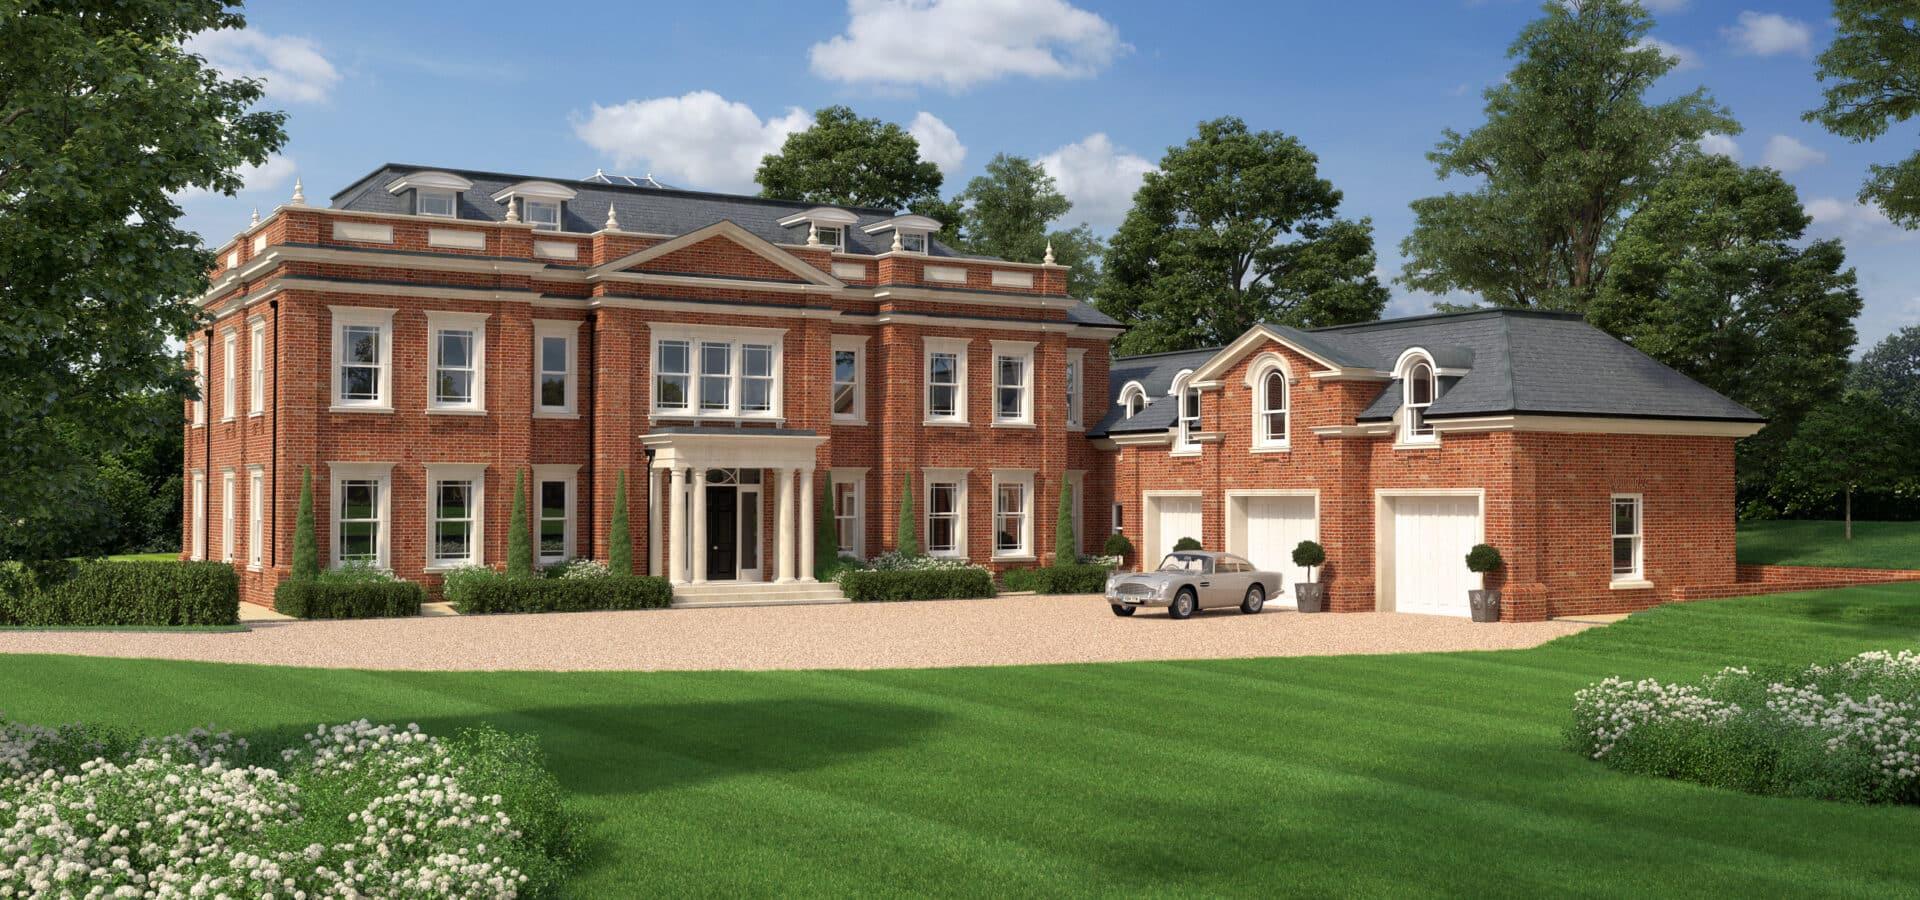 6 Bed Luxury Bespoke Home Wentworth Estate Surrey Little